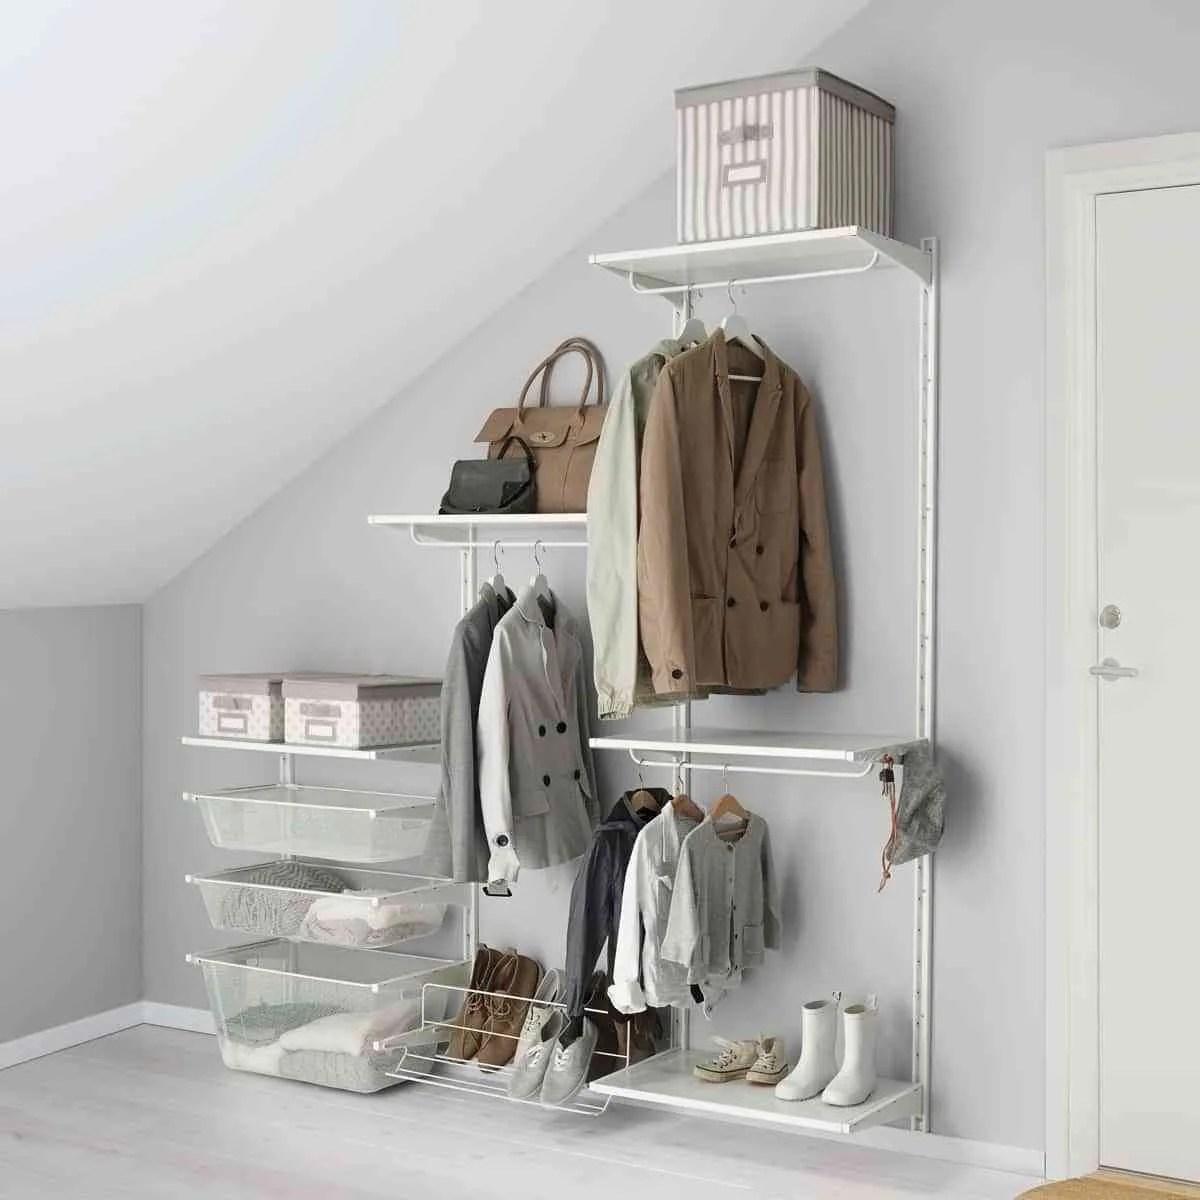 Cmo hacer un vestidor barato para organizar la ropa